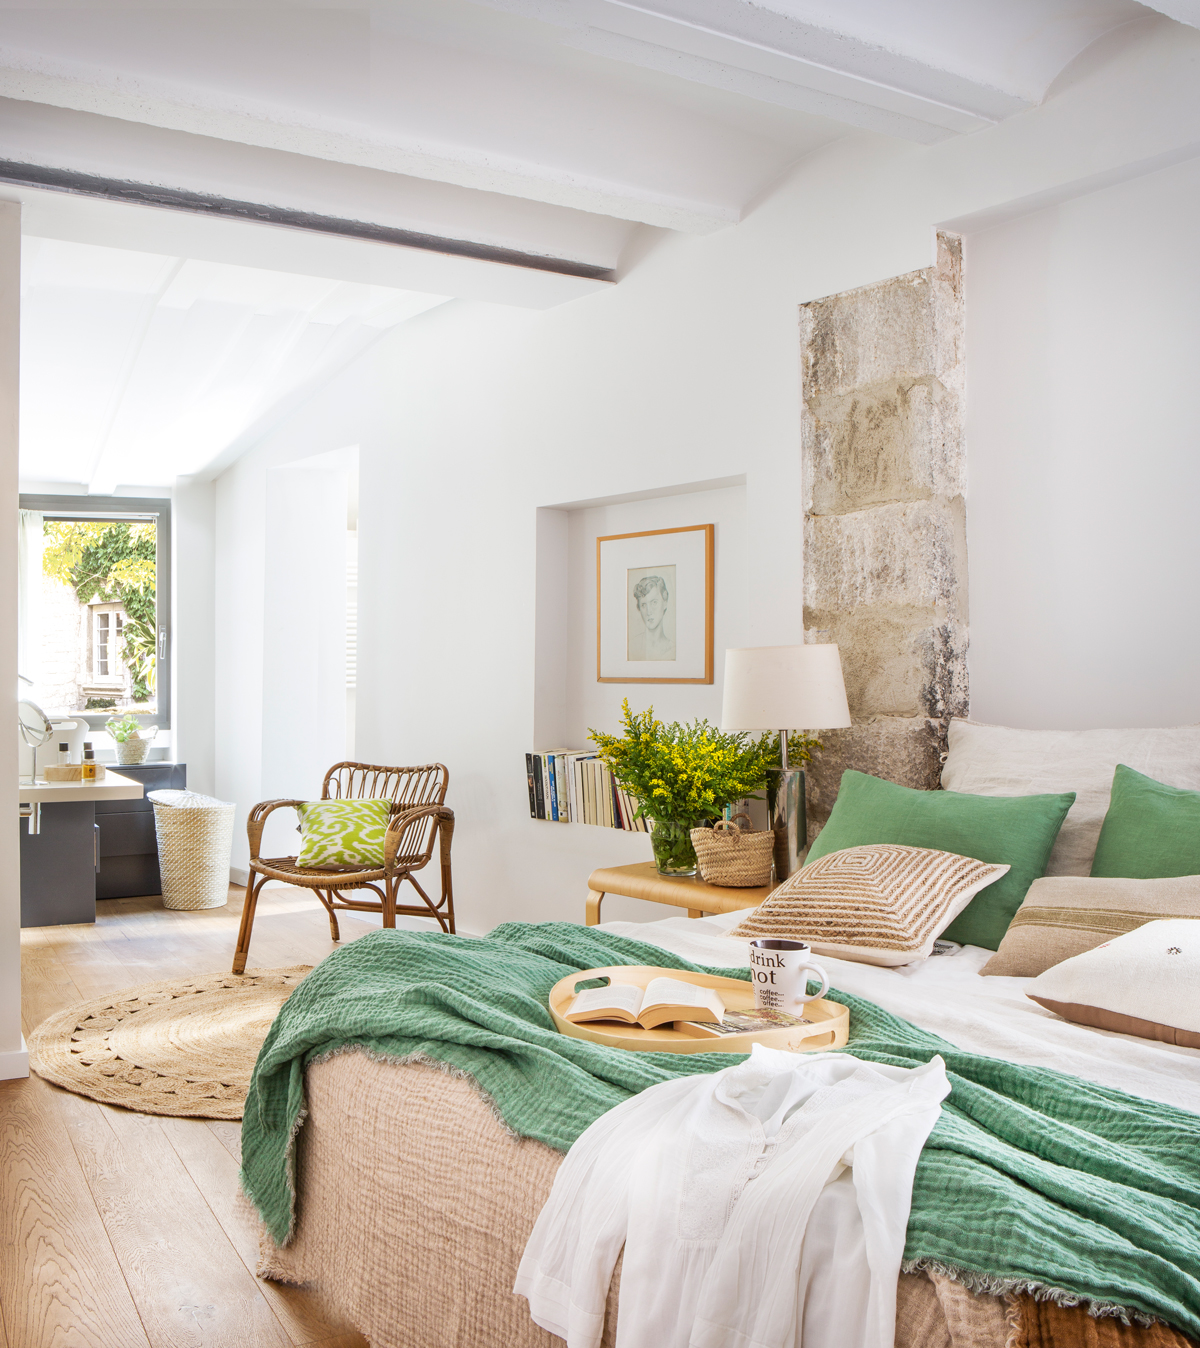 Hornacinas huecos decorativos y con espacio extra para - El mueble decoracion dormitorios ...